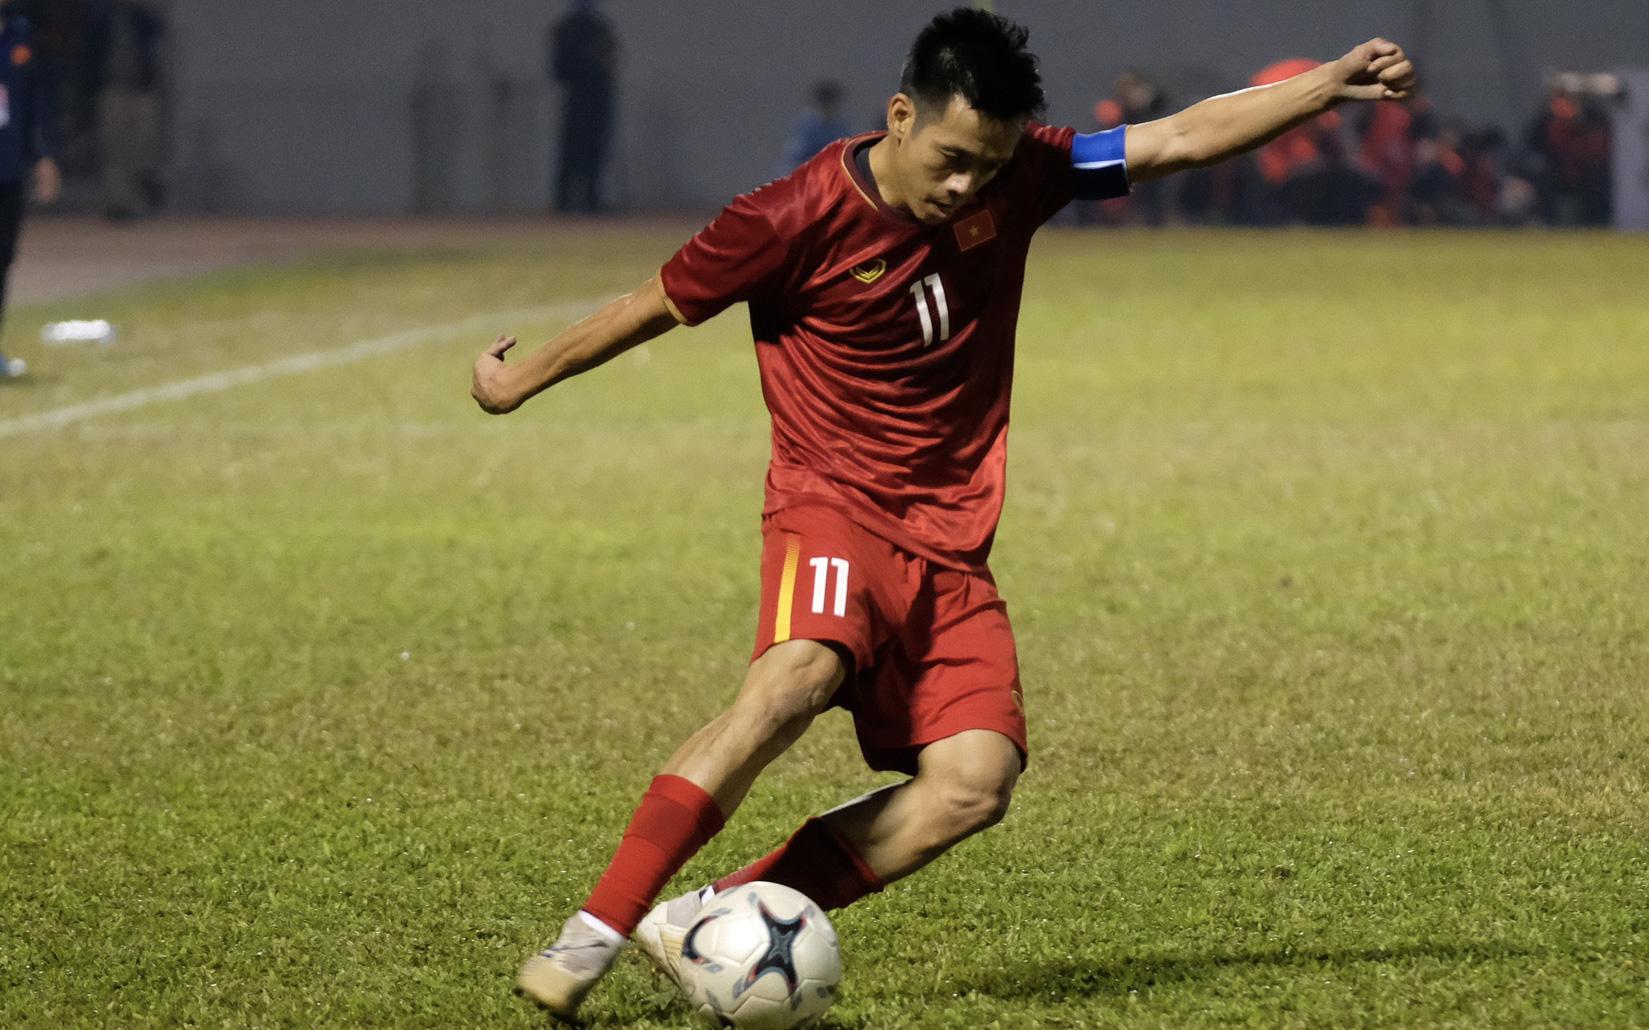 Ảnh, clip: Văn Quyết ghi bàn, đội tuyển Việt Nam thắng ngược U22 Việt Nam sát nút